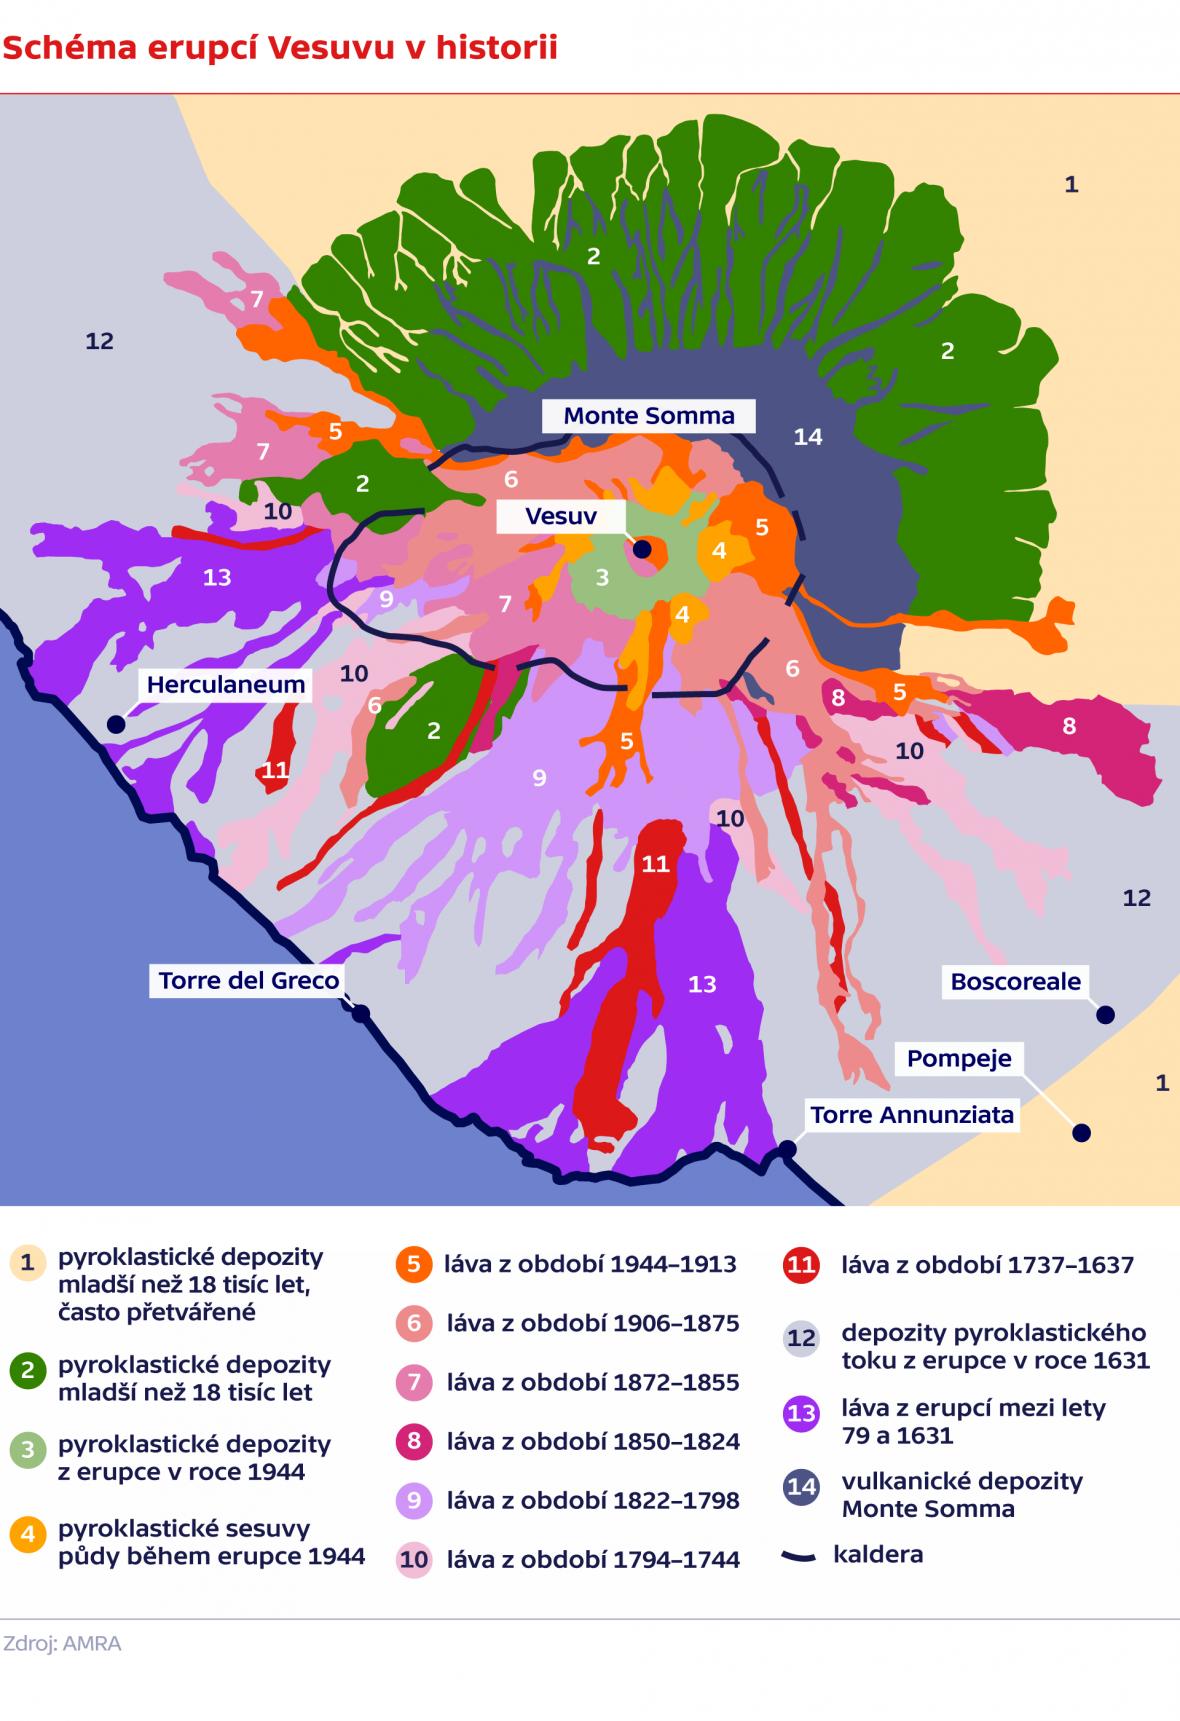 Schéma erupcí Vesuvu v historii